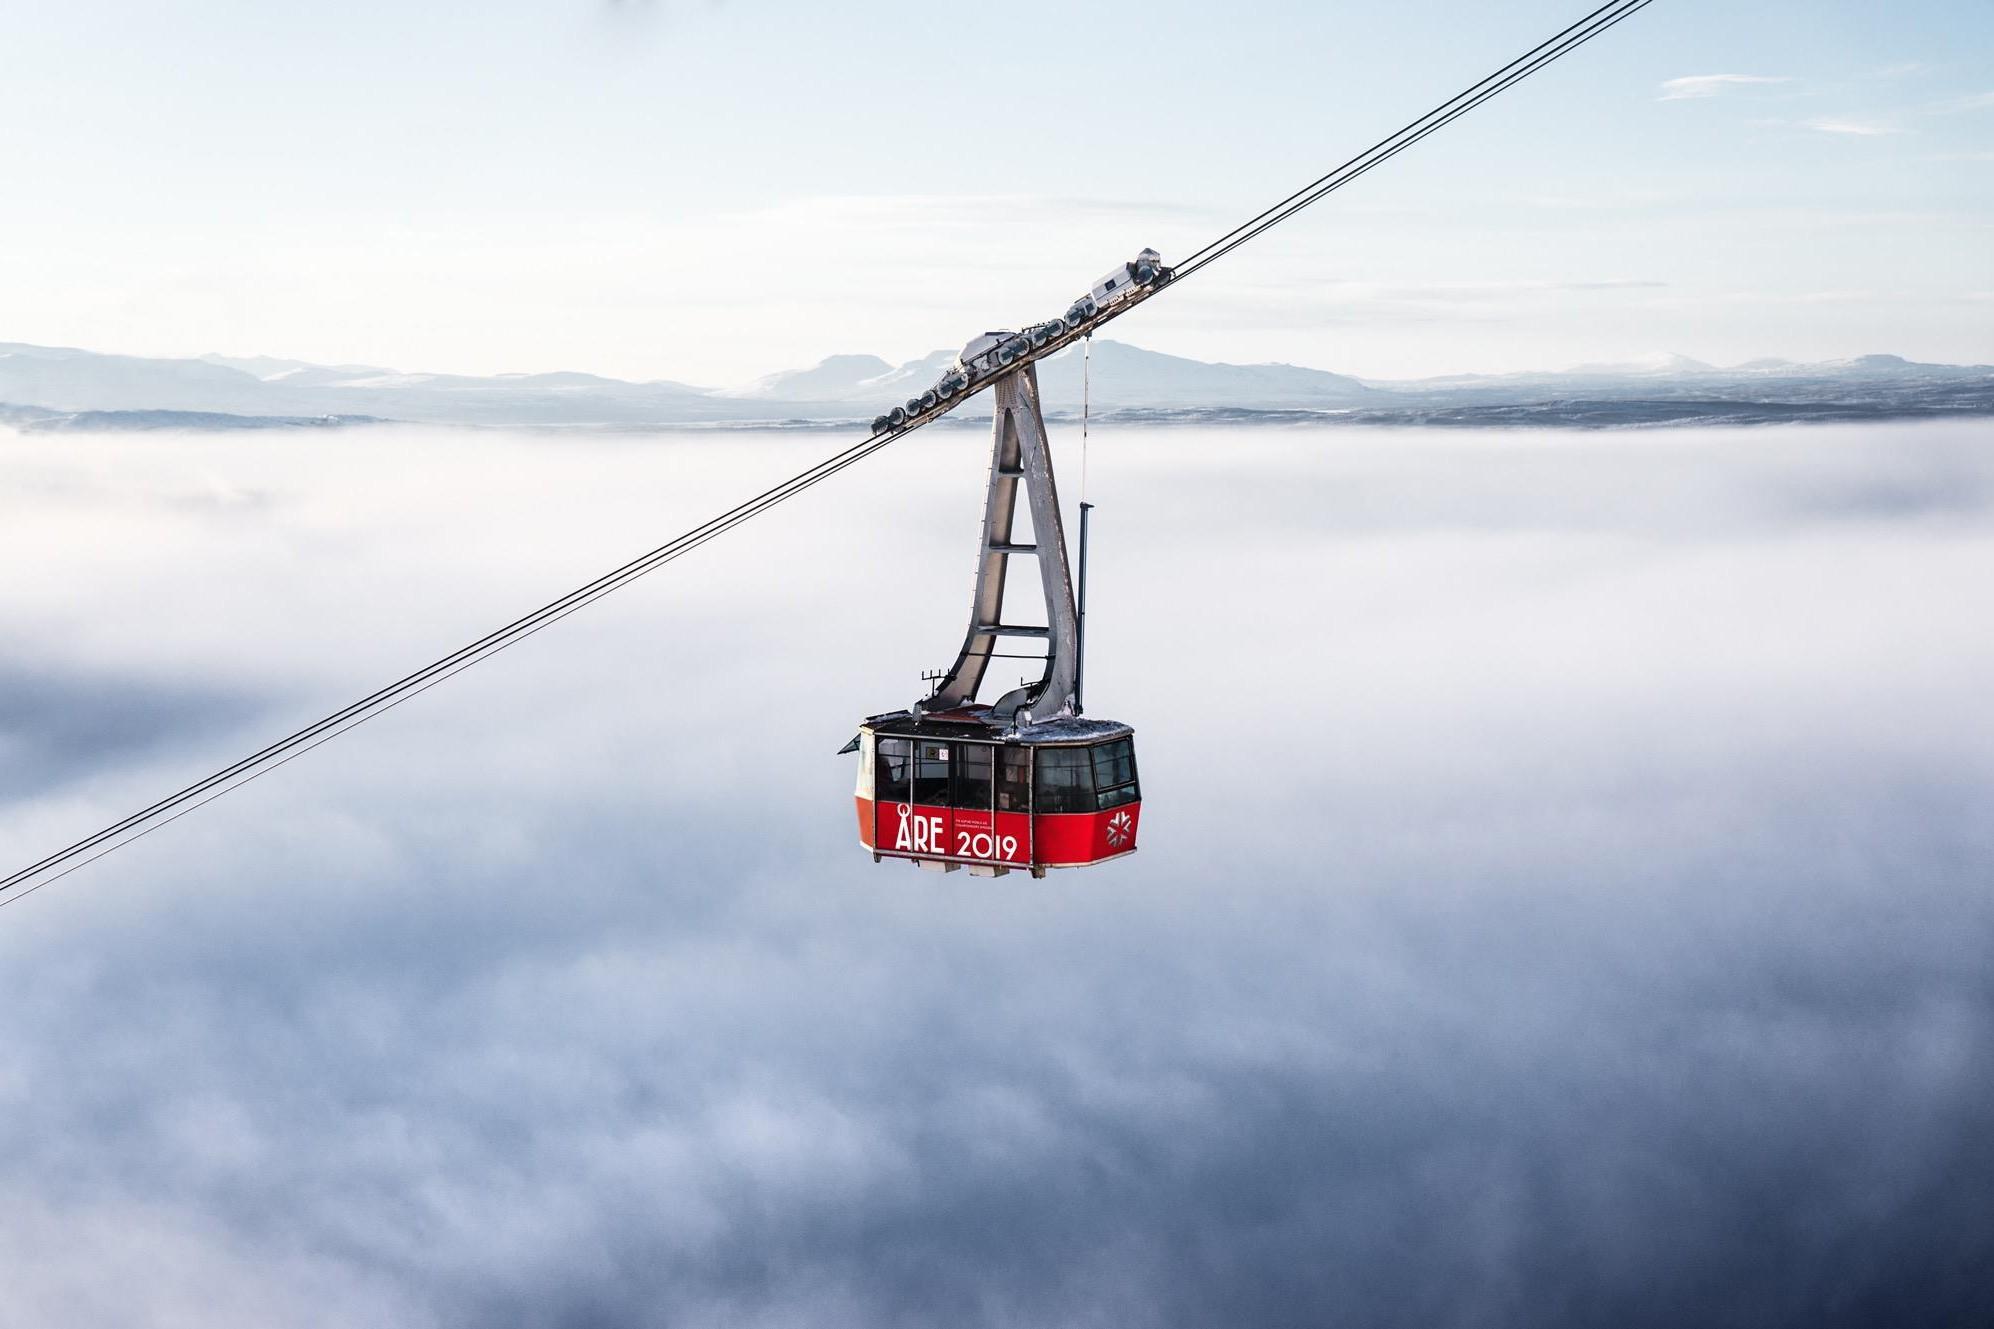 Началась продажа билетов на чемпионат мира по горнолыжному спорту 2019 FIS в Оре